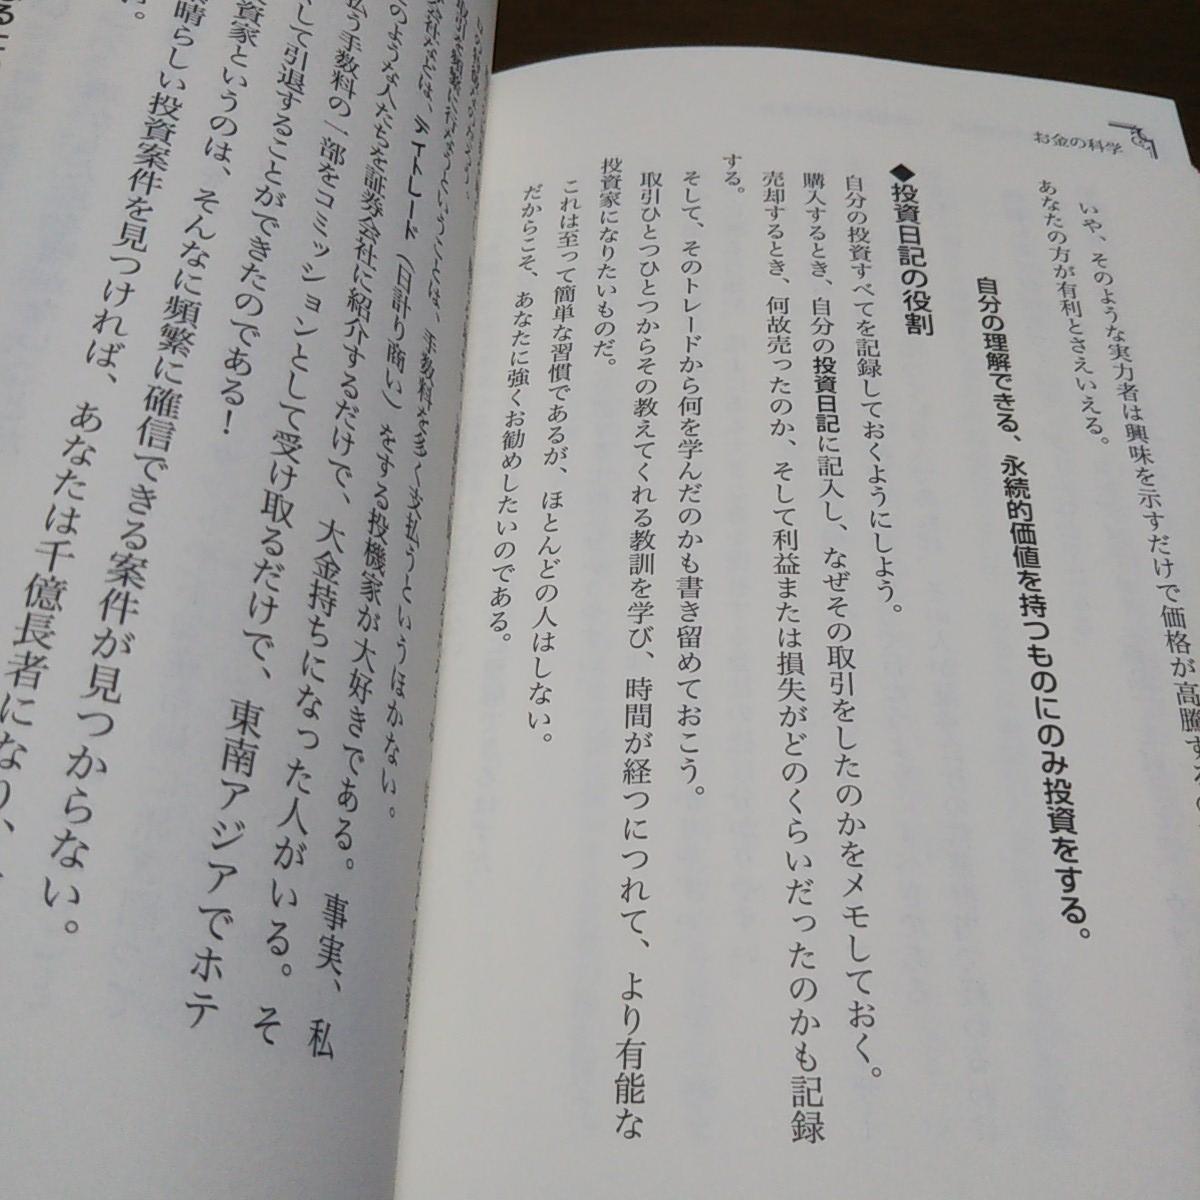 【即決】お金の科学 ジェームス・スキナー CD-ROM付 フォレスト出版 単行本_画像10